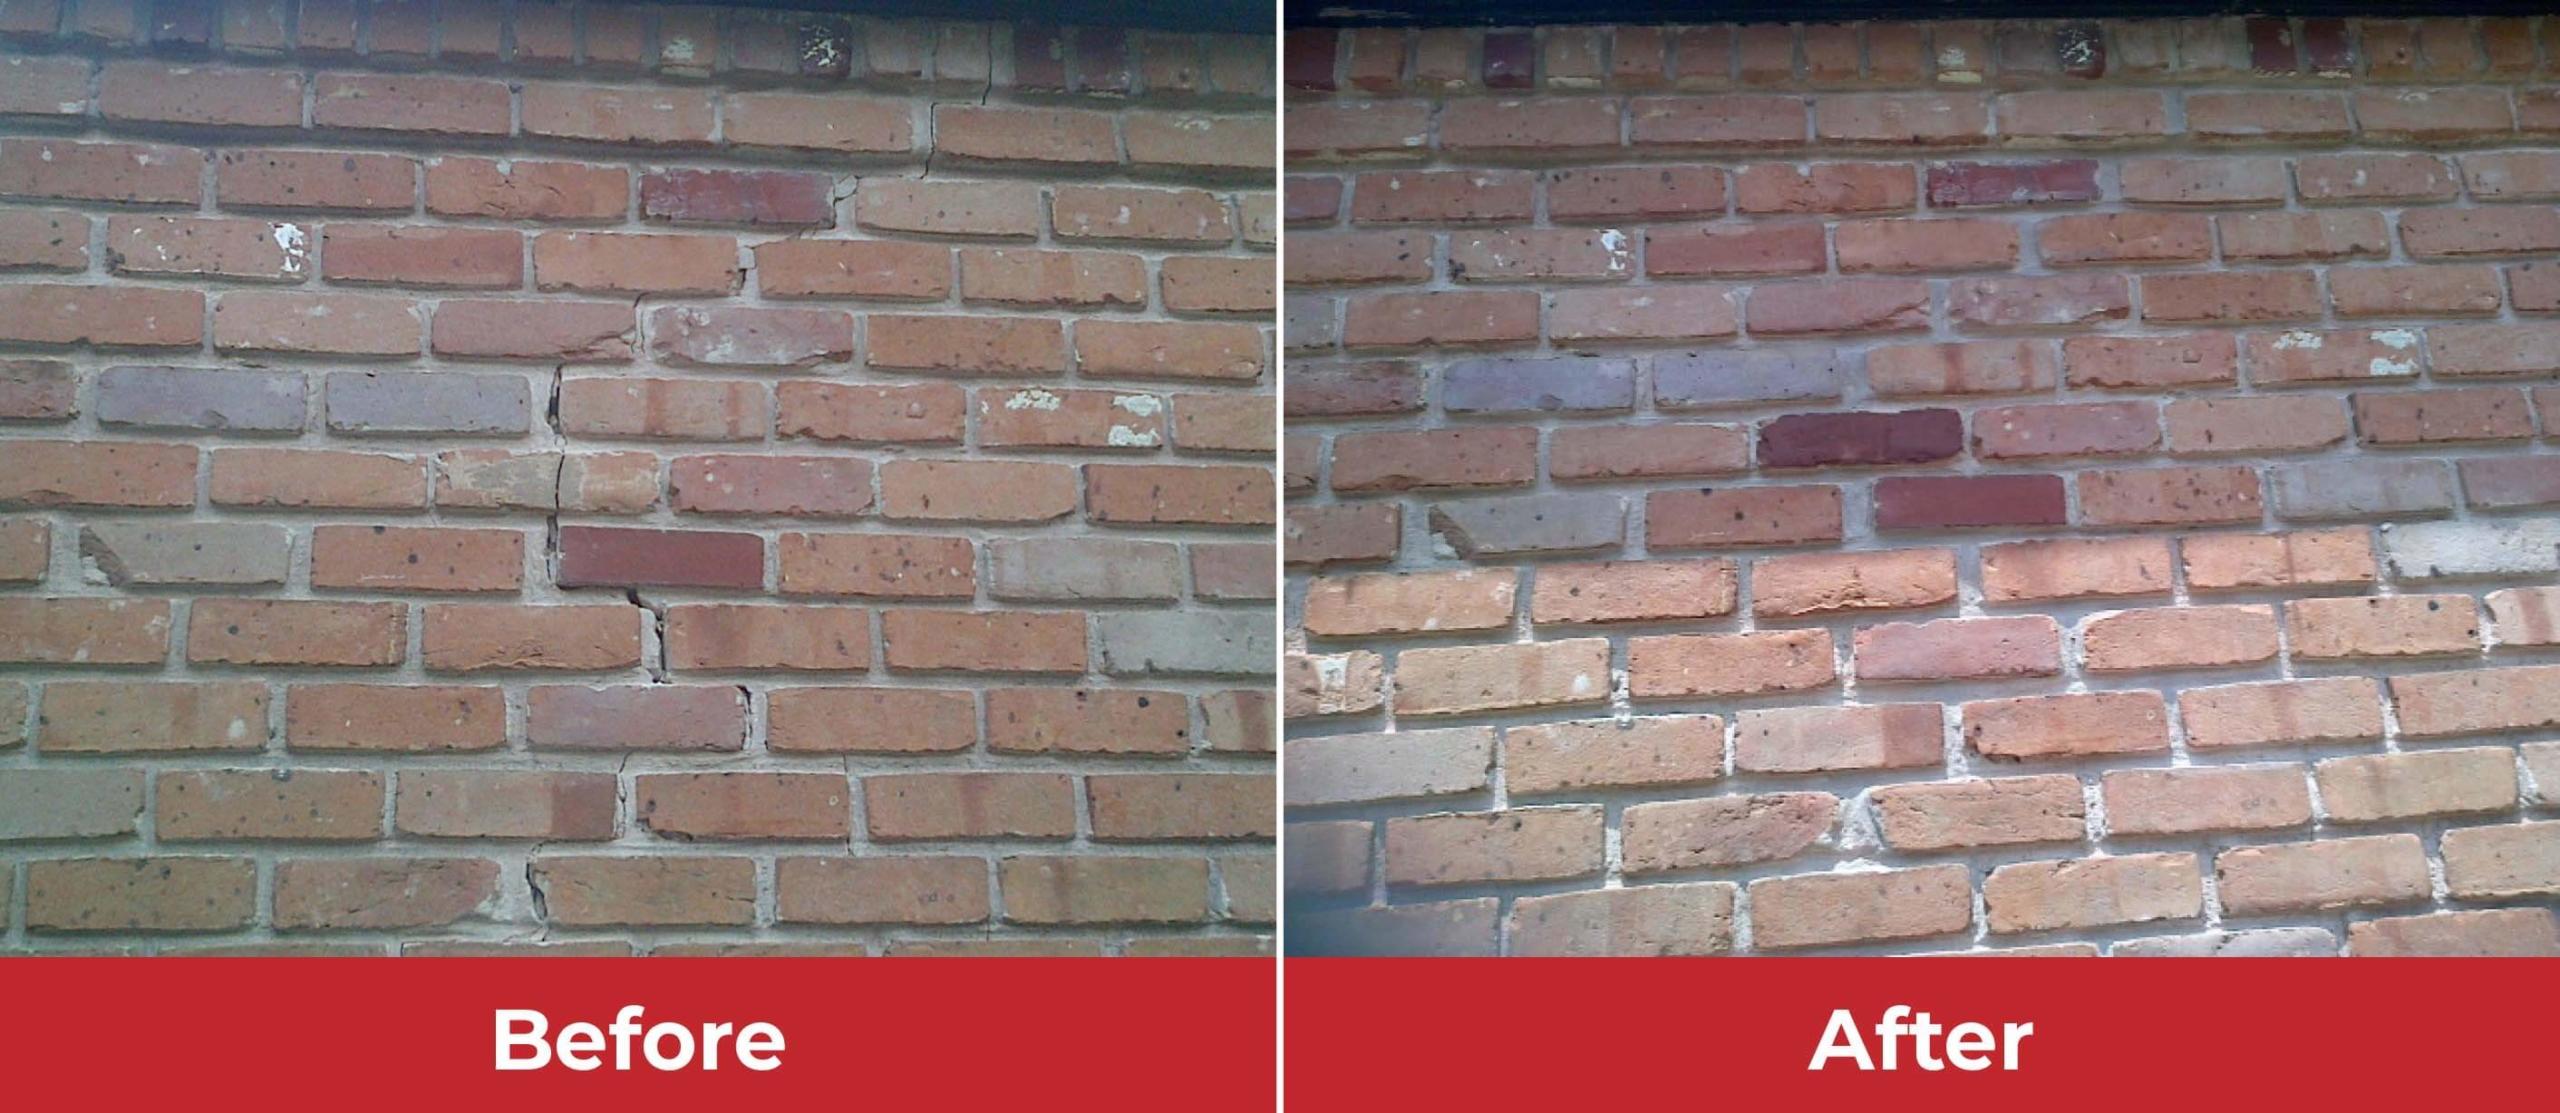 brick crack repair before and after